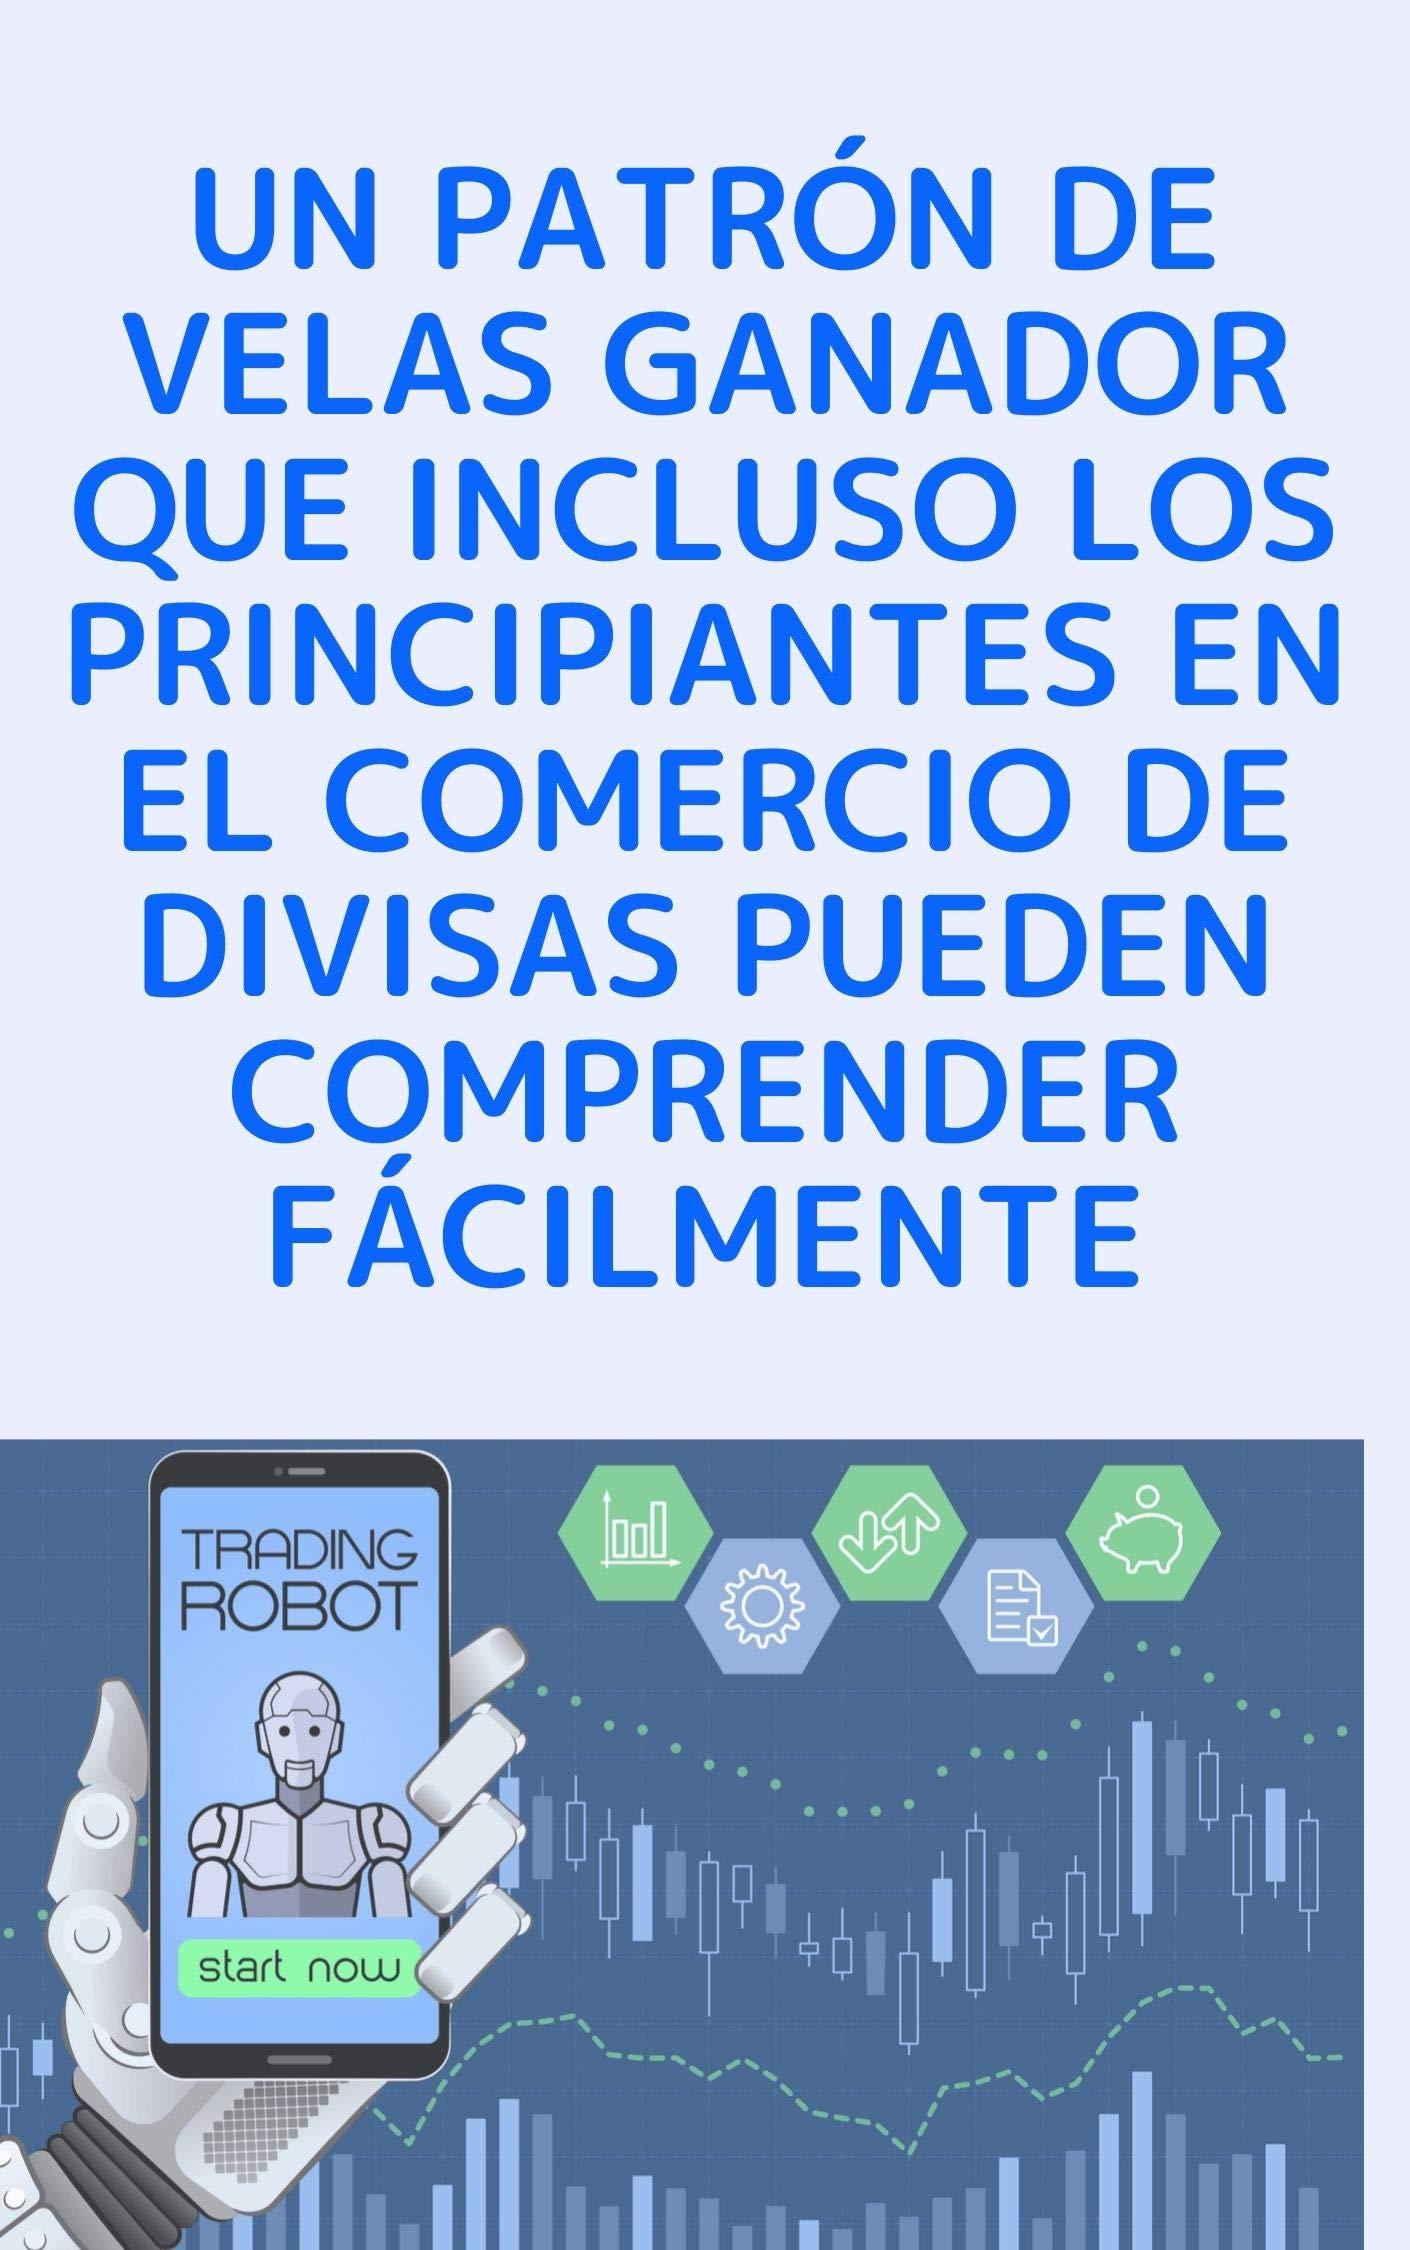 Un patrón de velas ganador que incluso los principiantes en el comercio de divisas pueden comprender fácilmente (Spanish Edition)